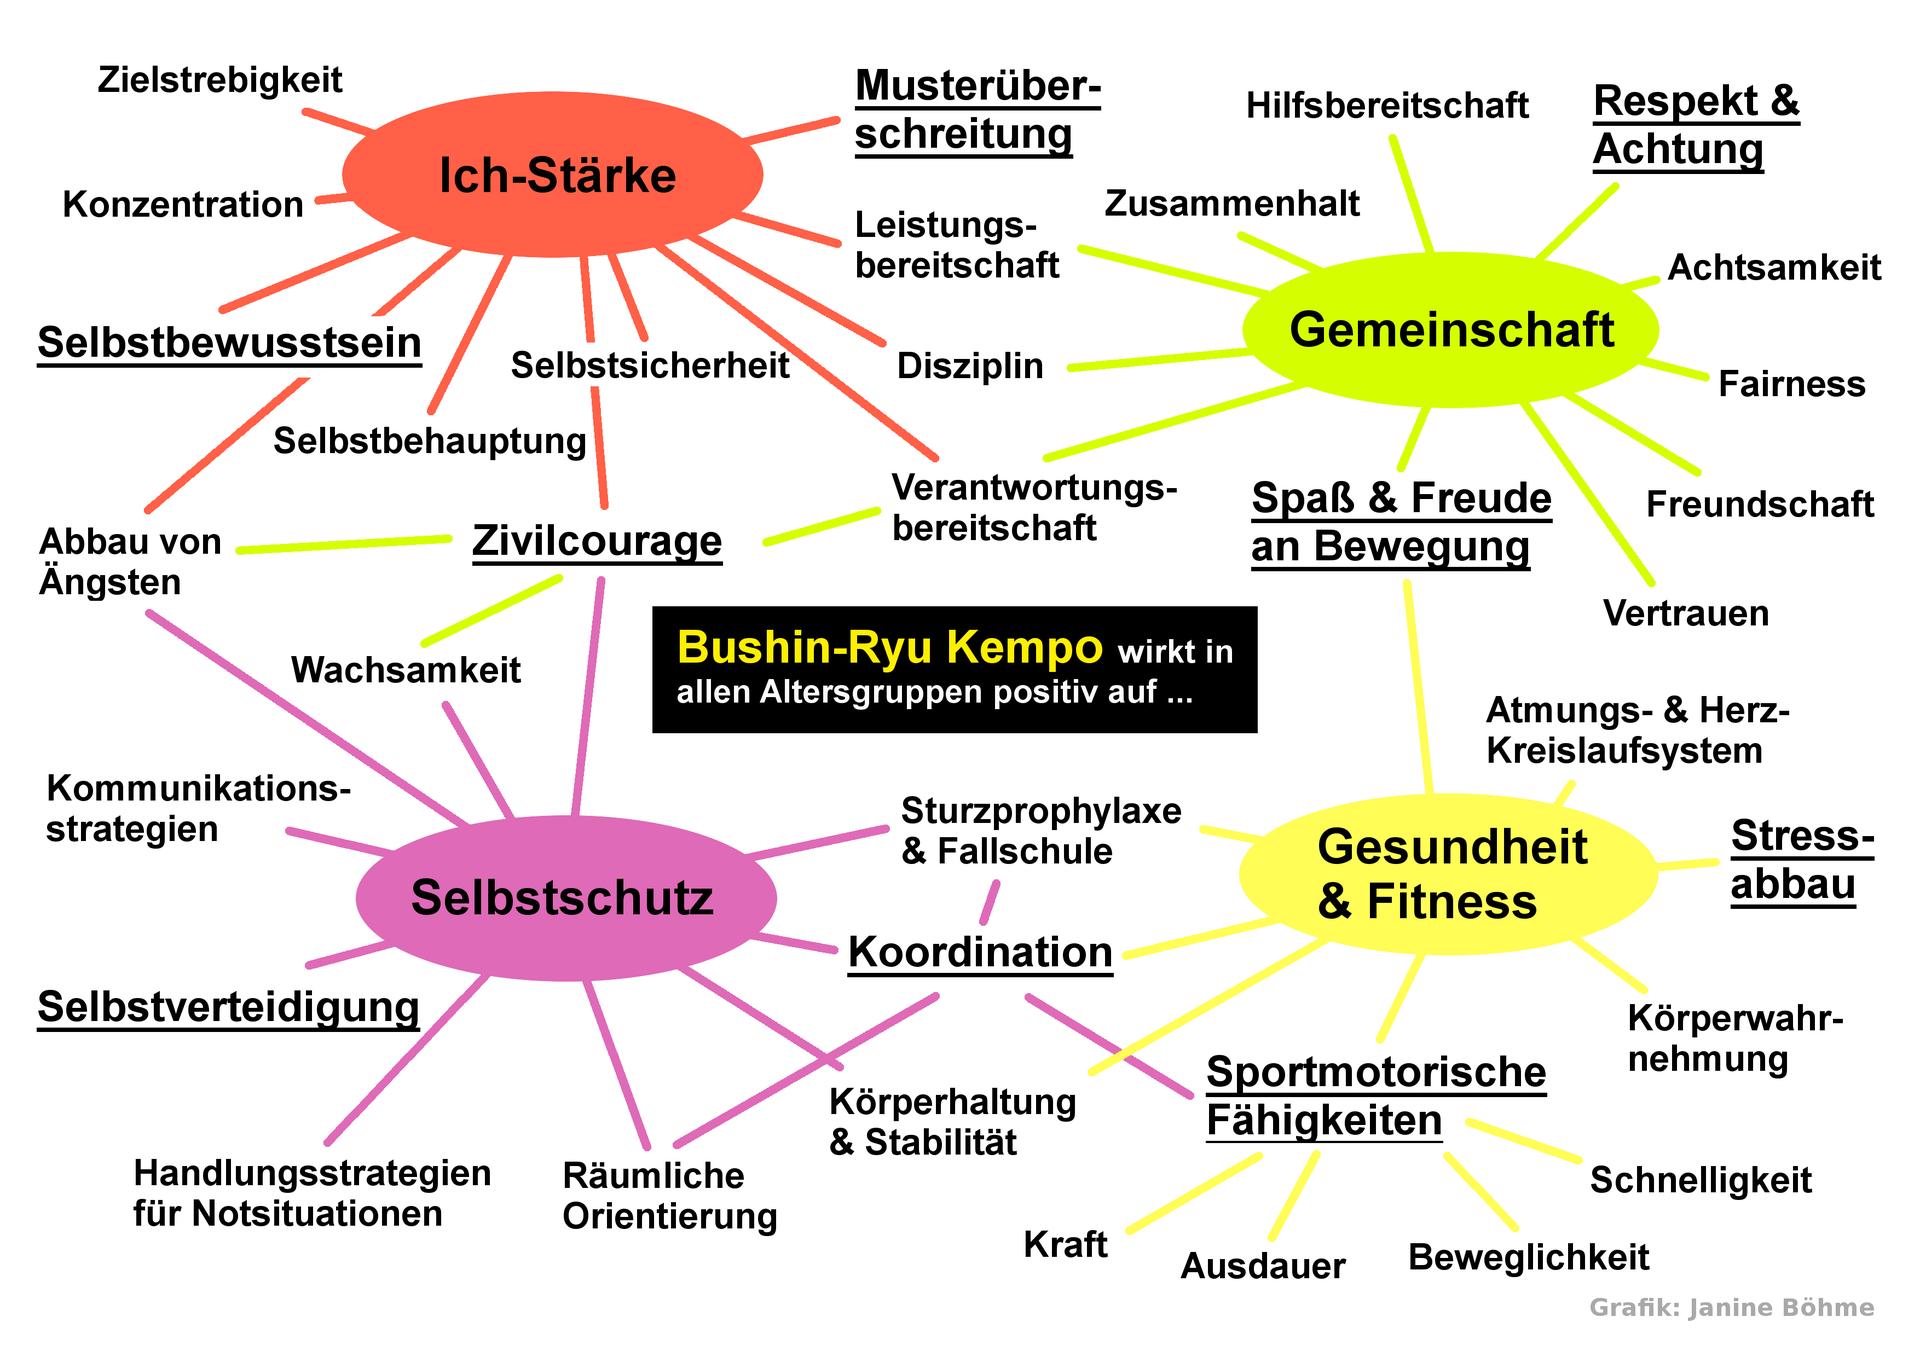 Tolle Kreislaufsystem Herzdiagramm Ideen - Menschliche Anatomie ...